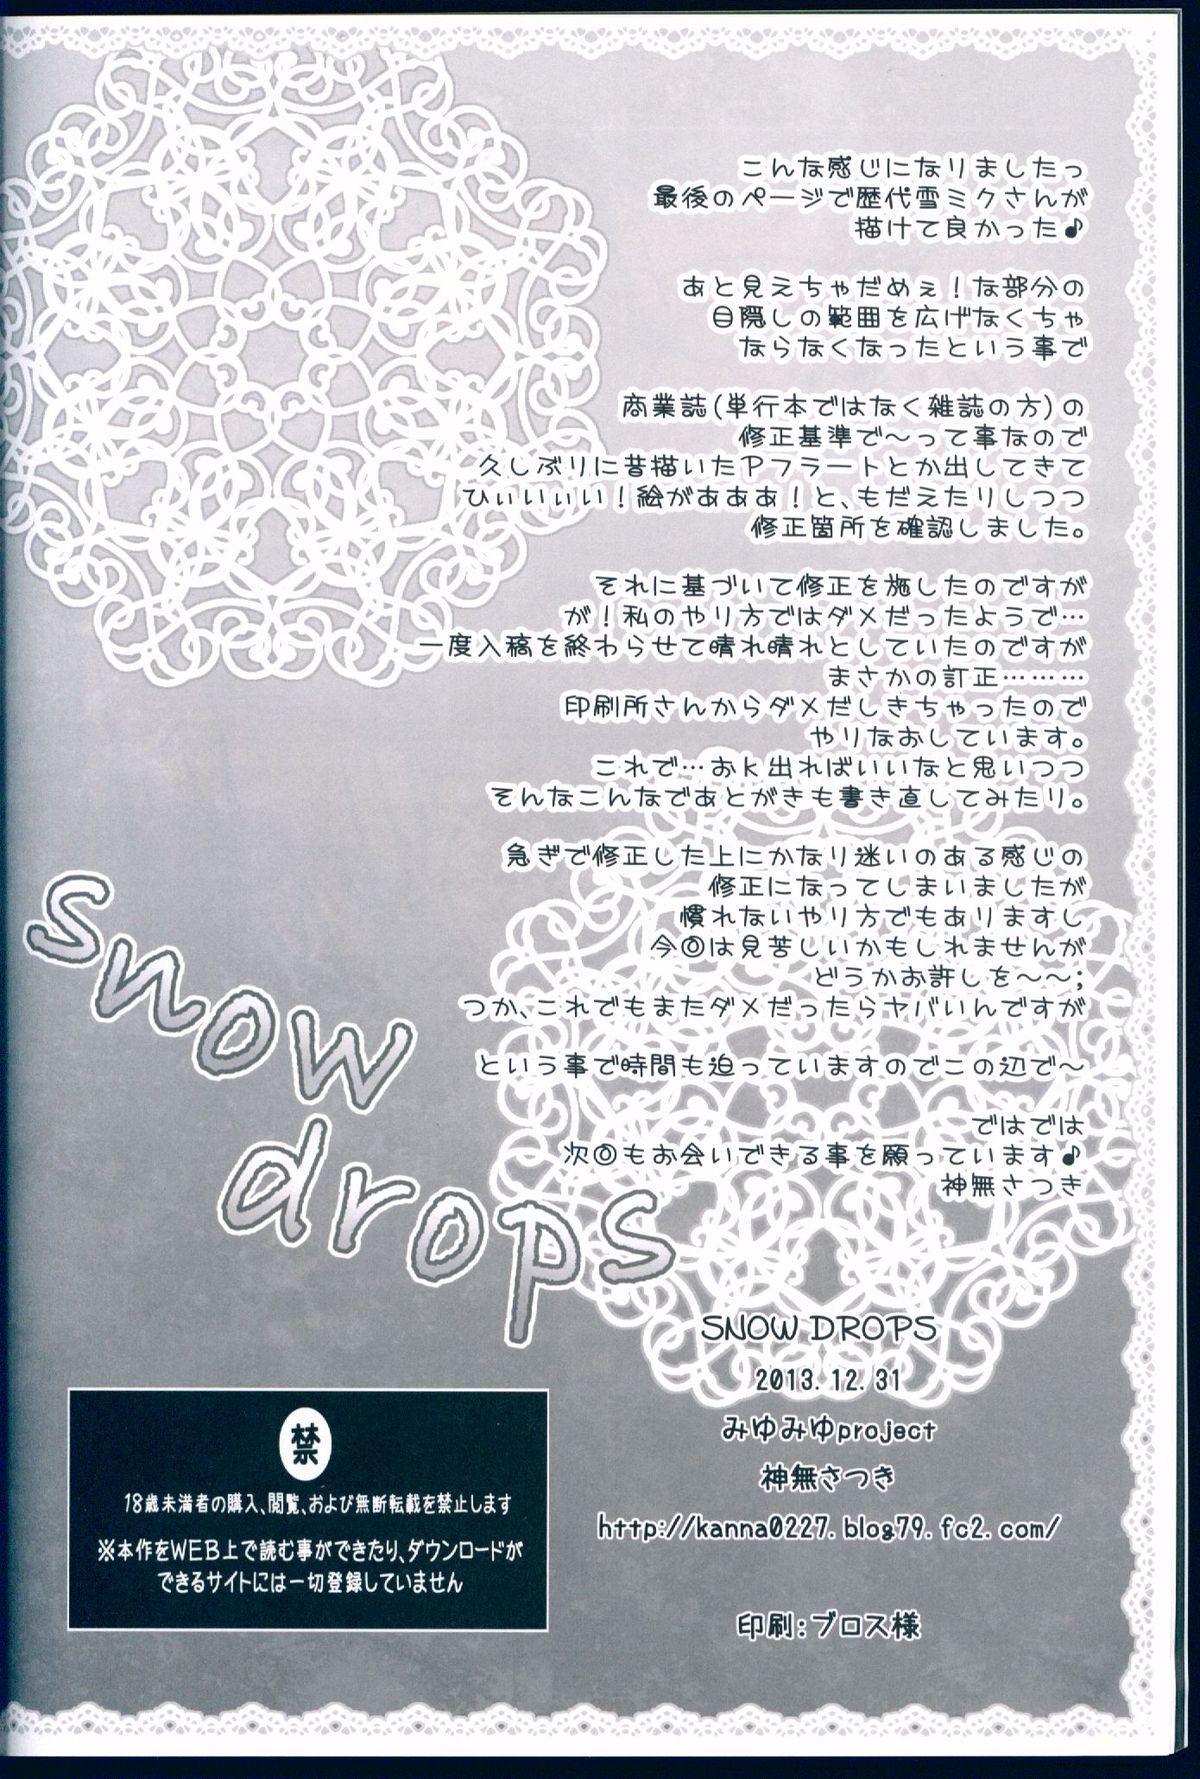 snow drops 25